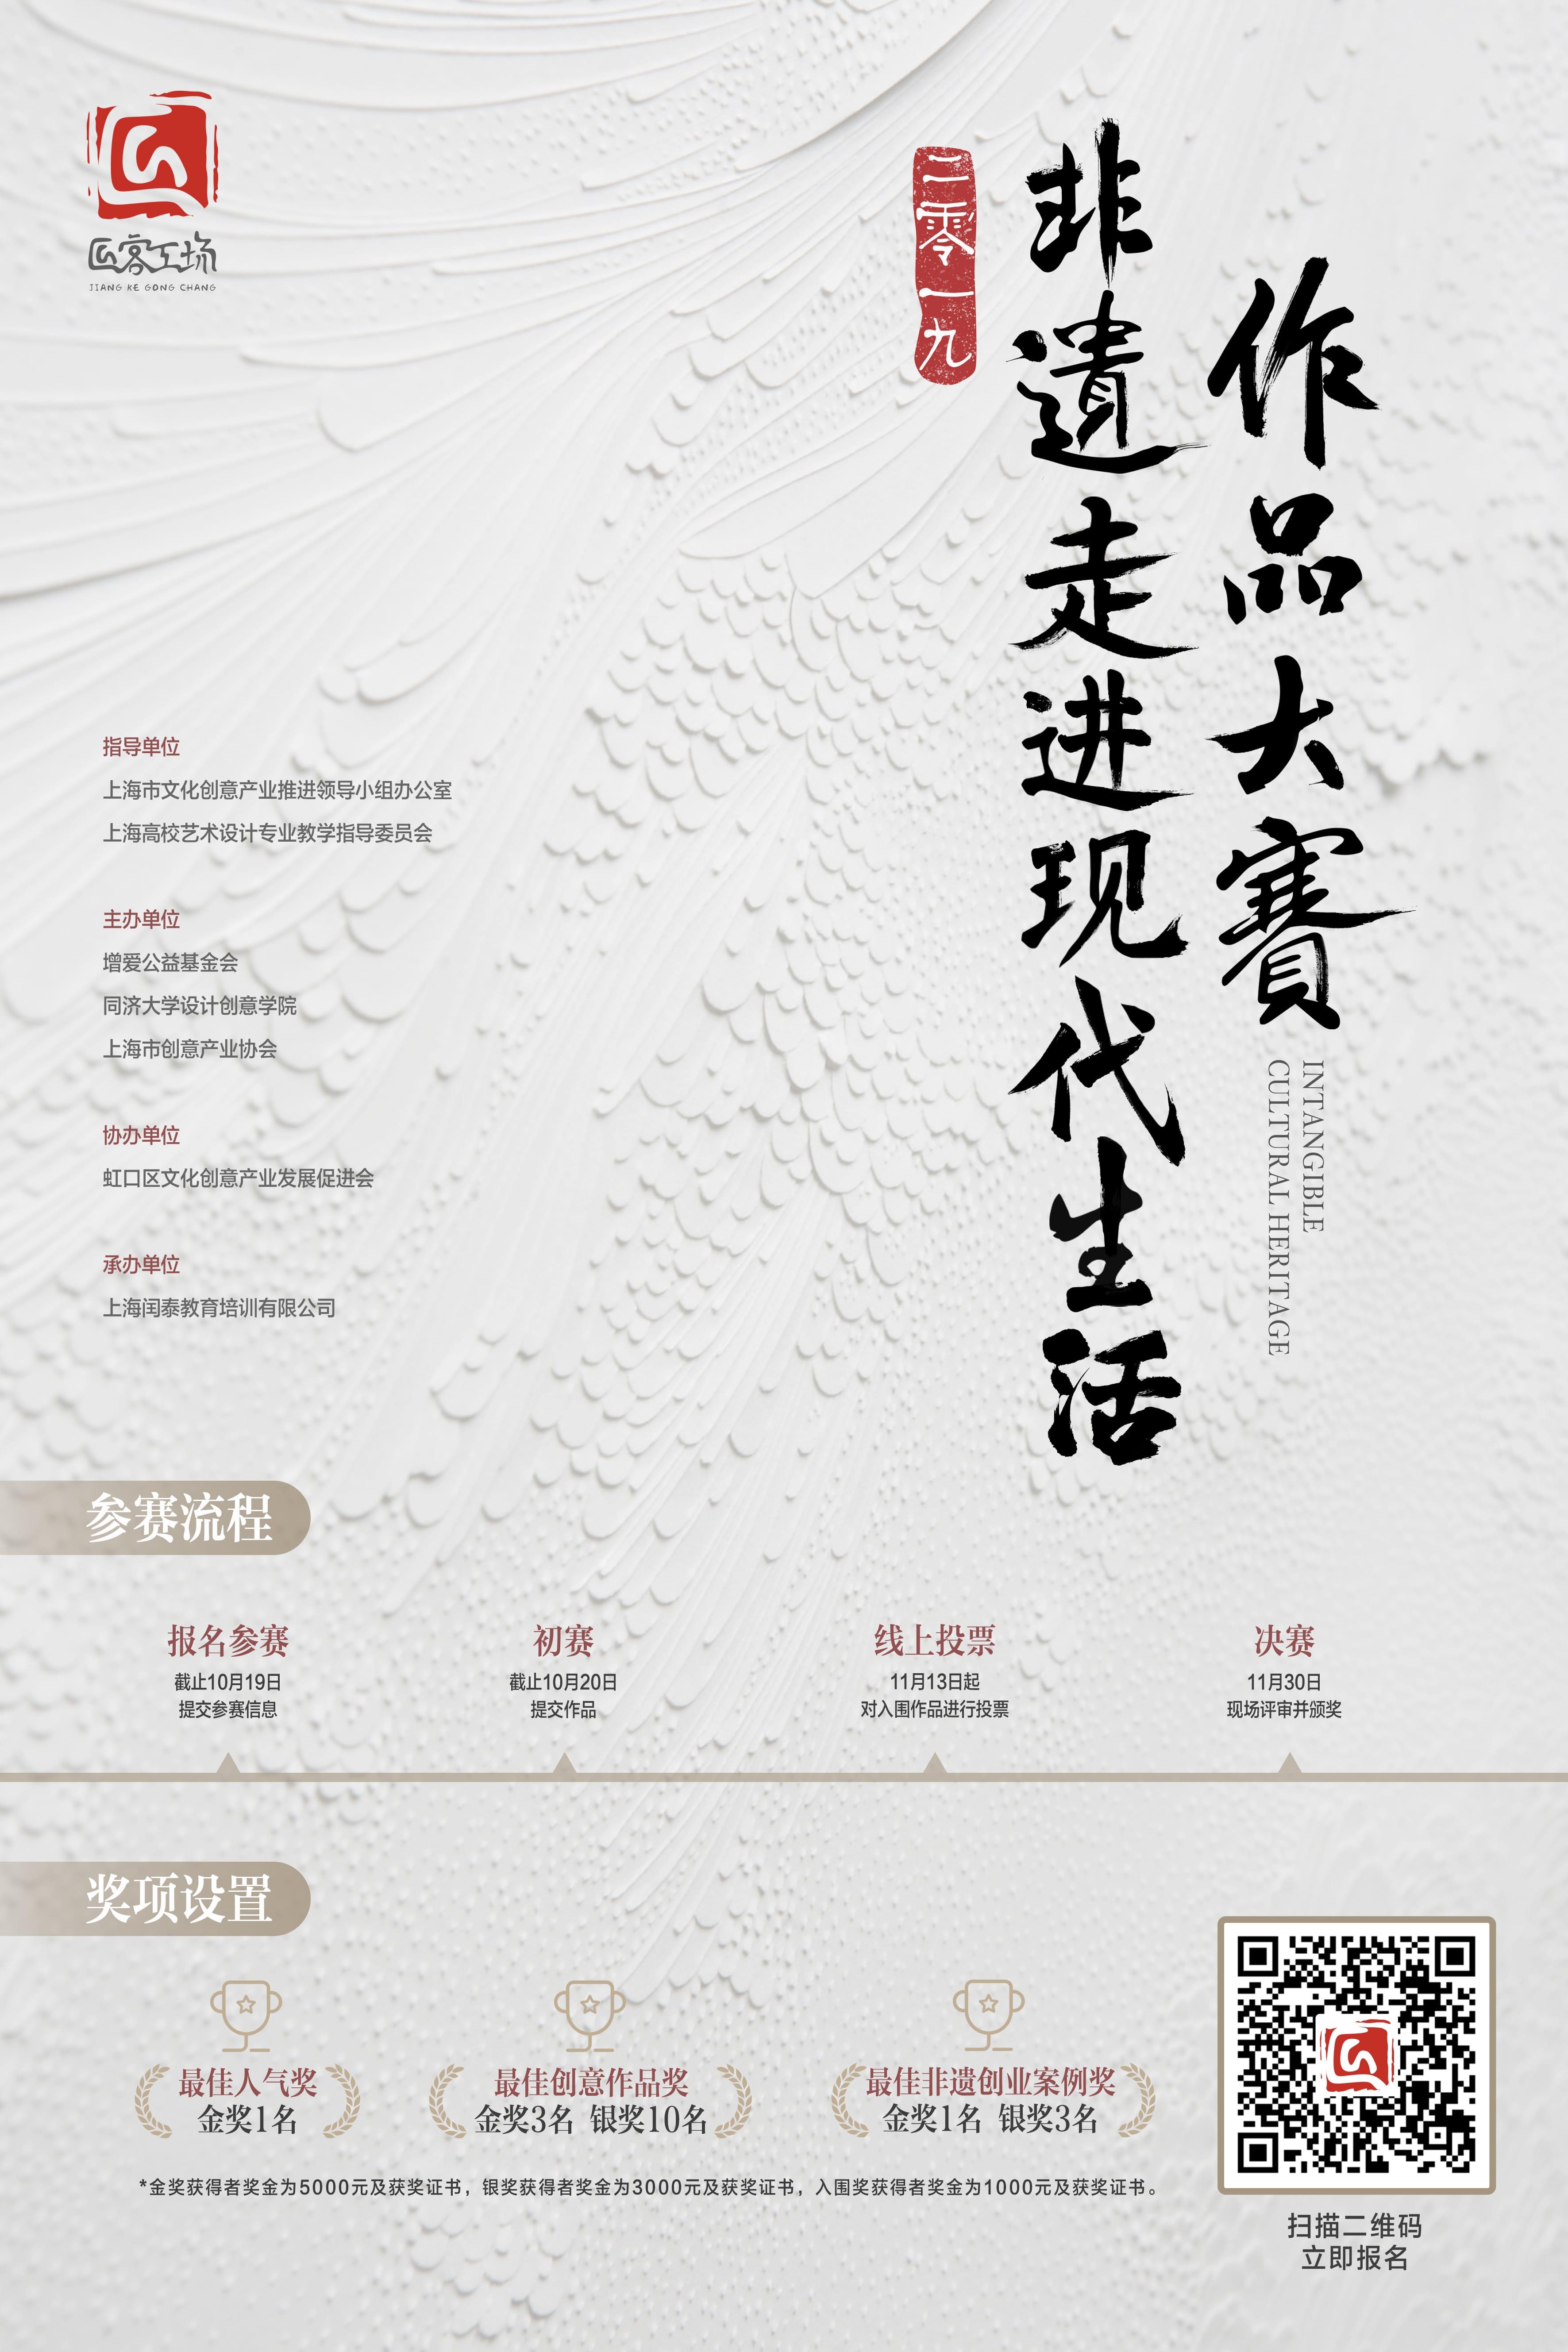 《非遗走进现代生活作品大赛》海报20191126.jpg